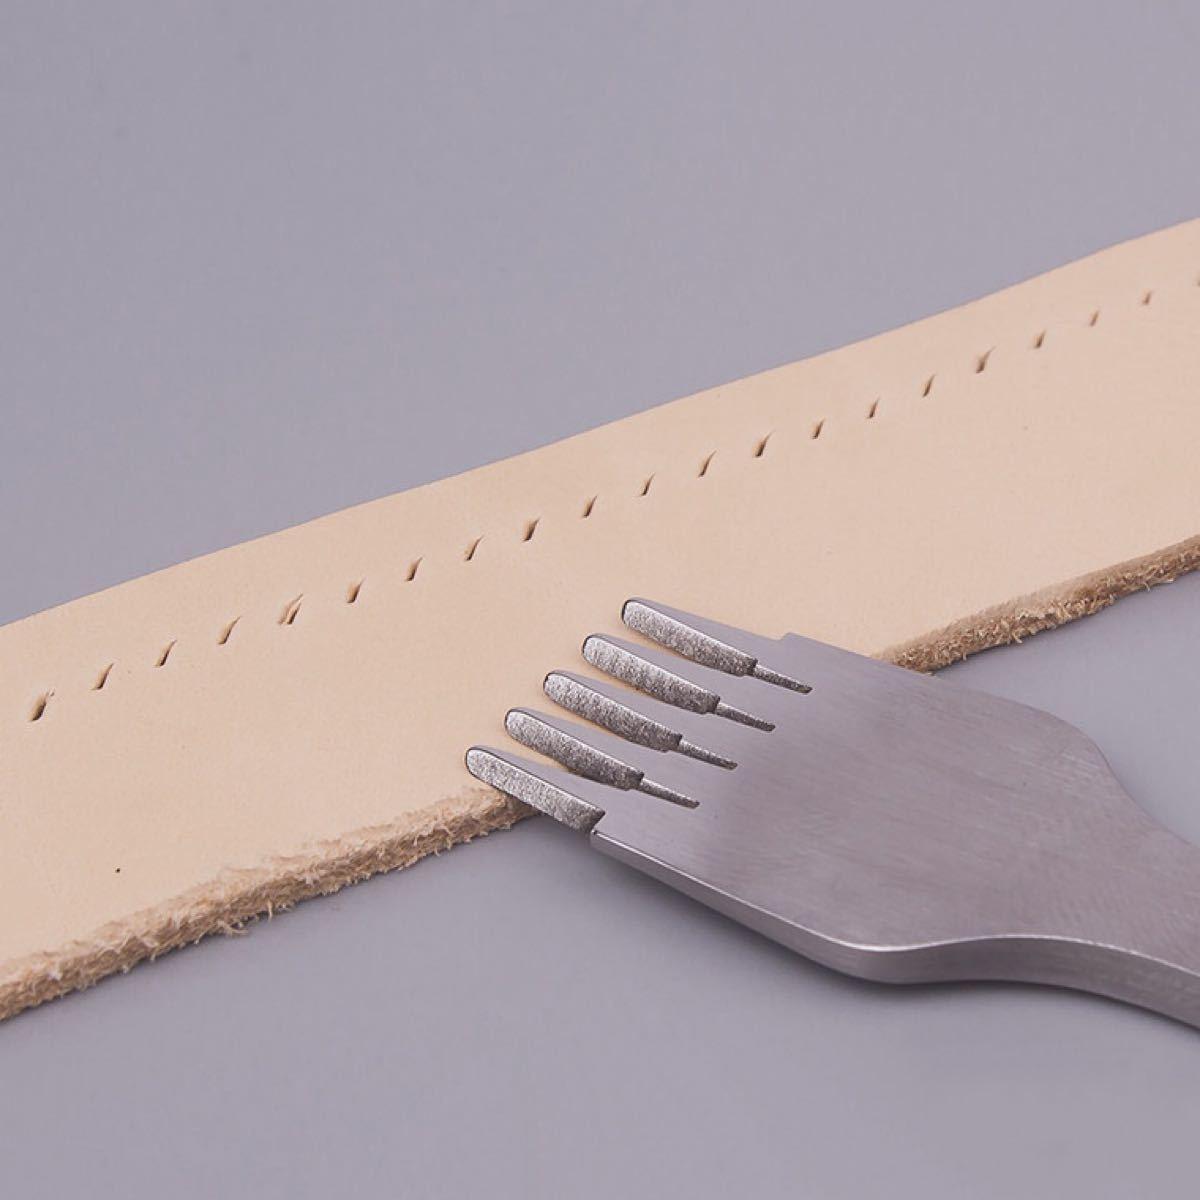 レザークラフト ピッチ2.7mm3本セットヨーロッパ目打ちハイス鋼製 手芸ハンド目打ち 鋼材質 革用